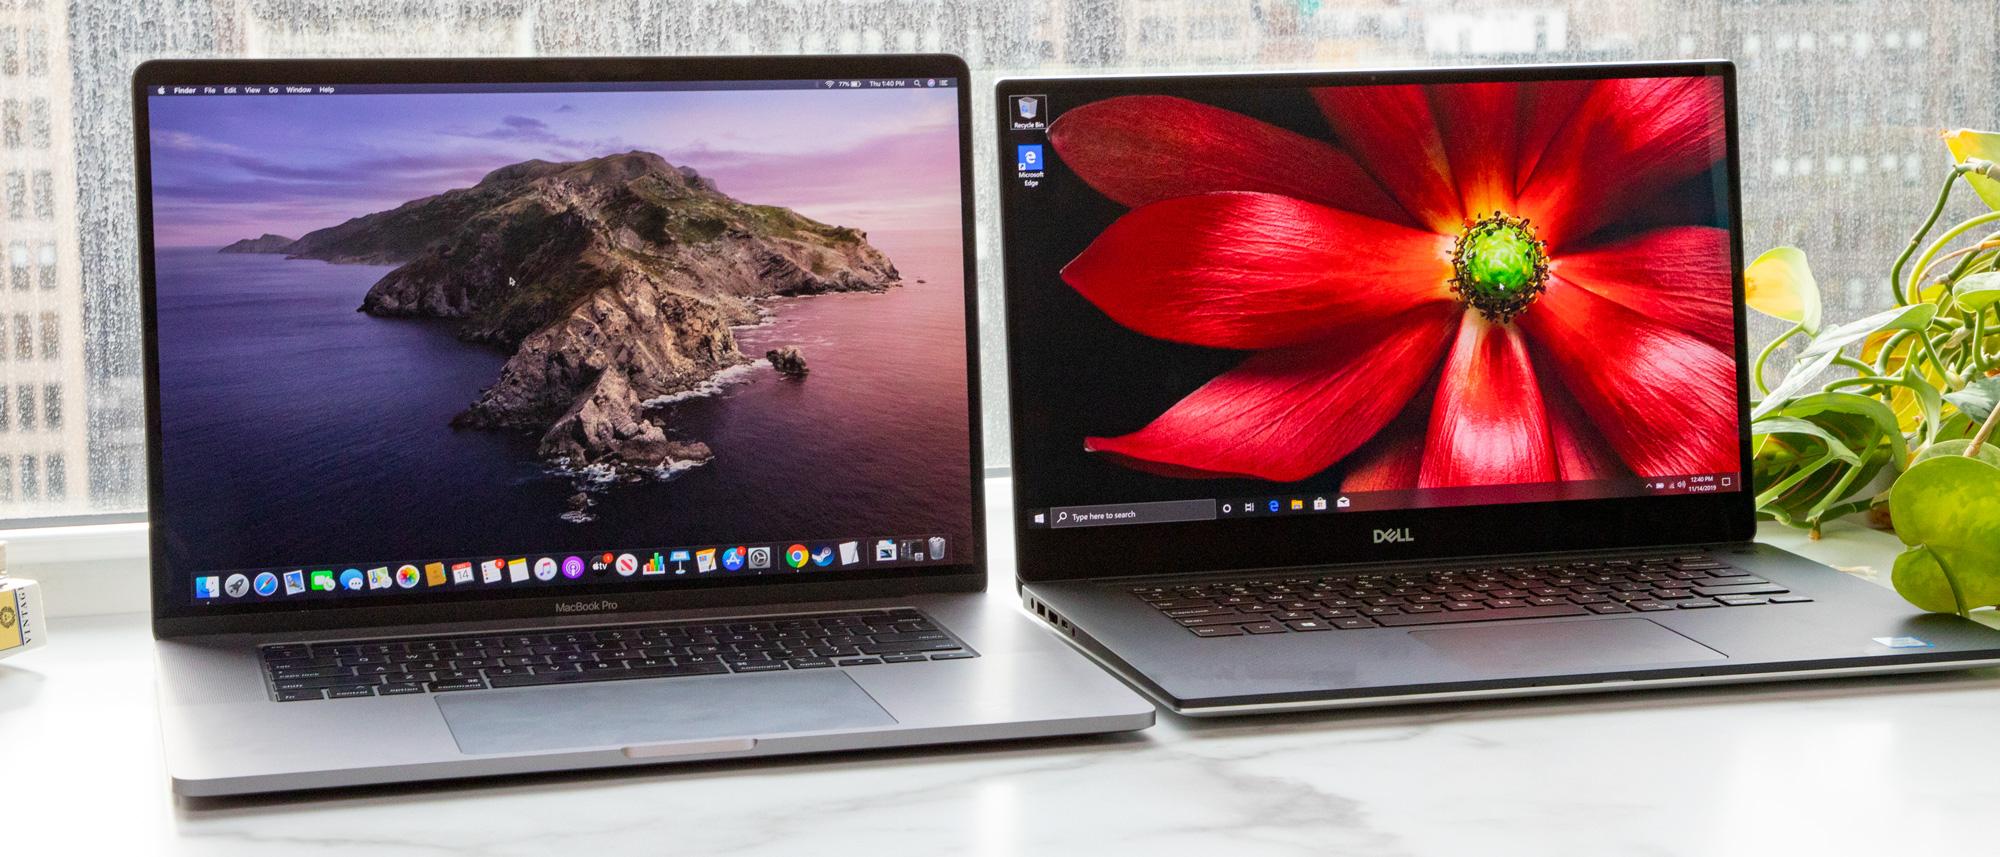 Gaming Laptop Vs Xps